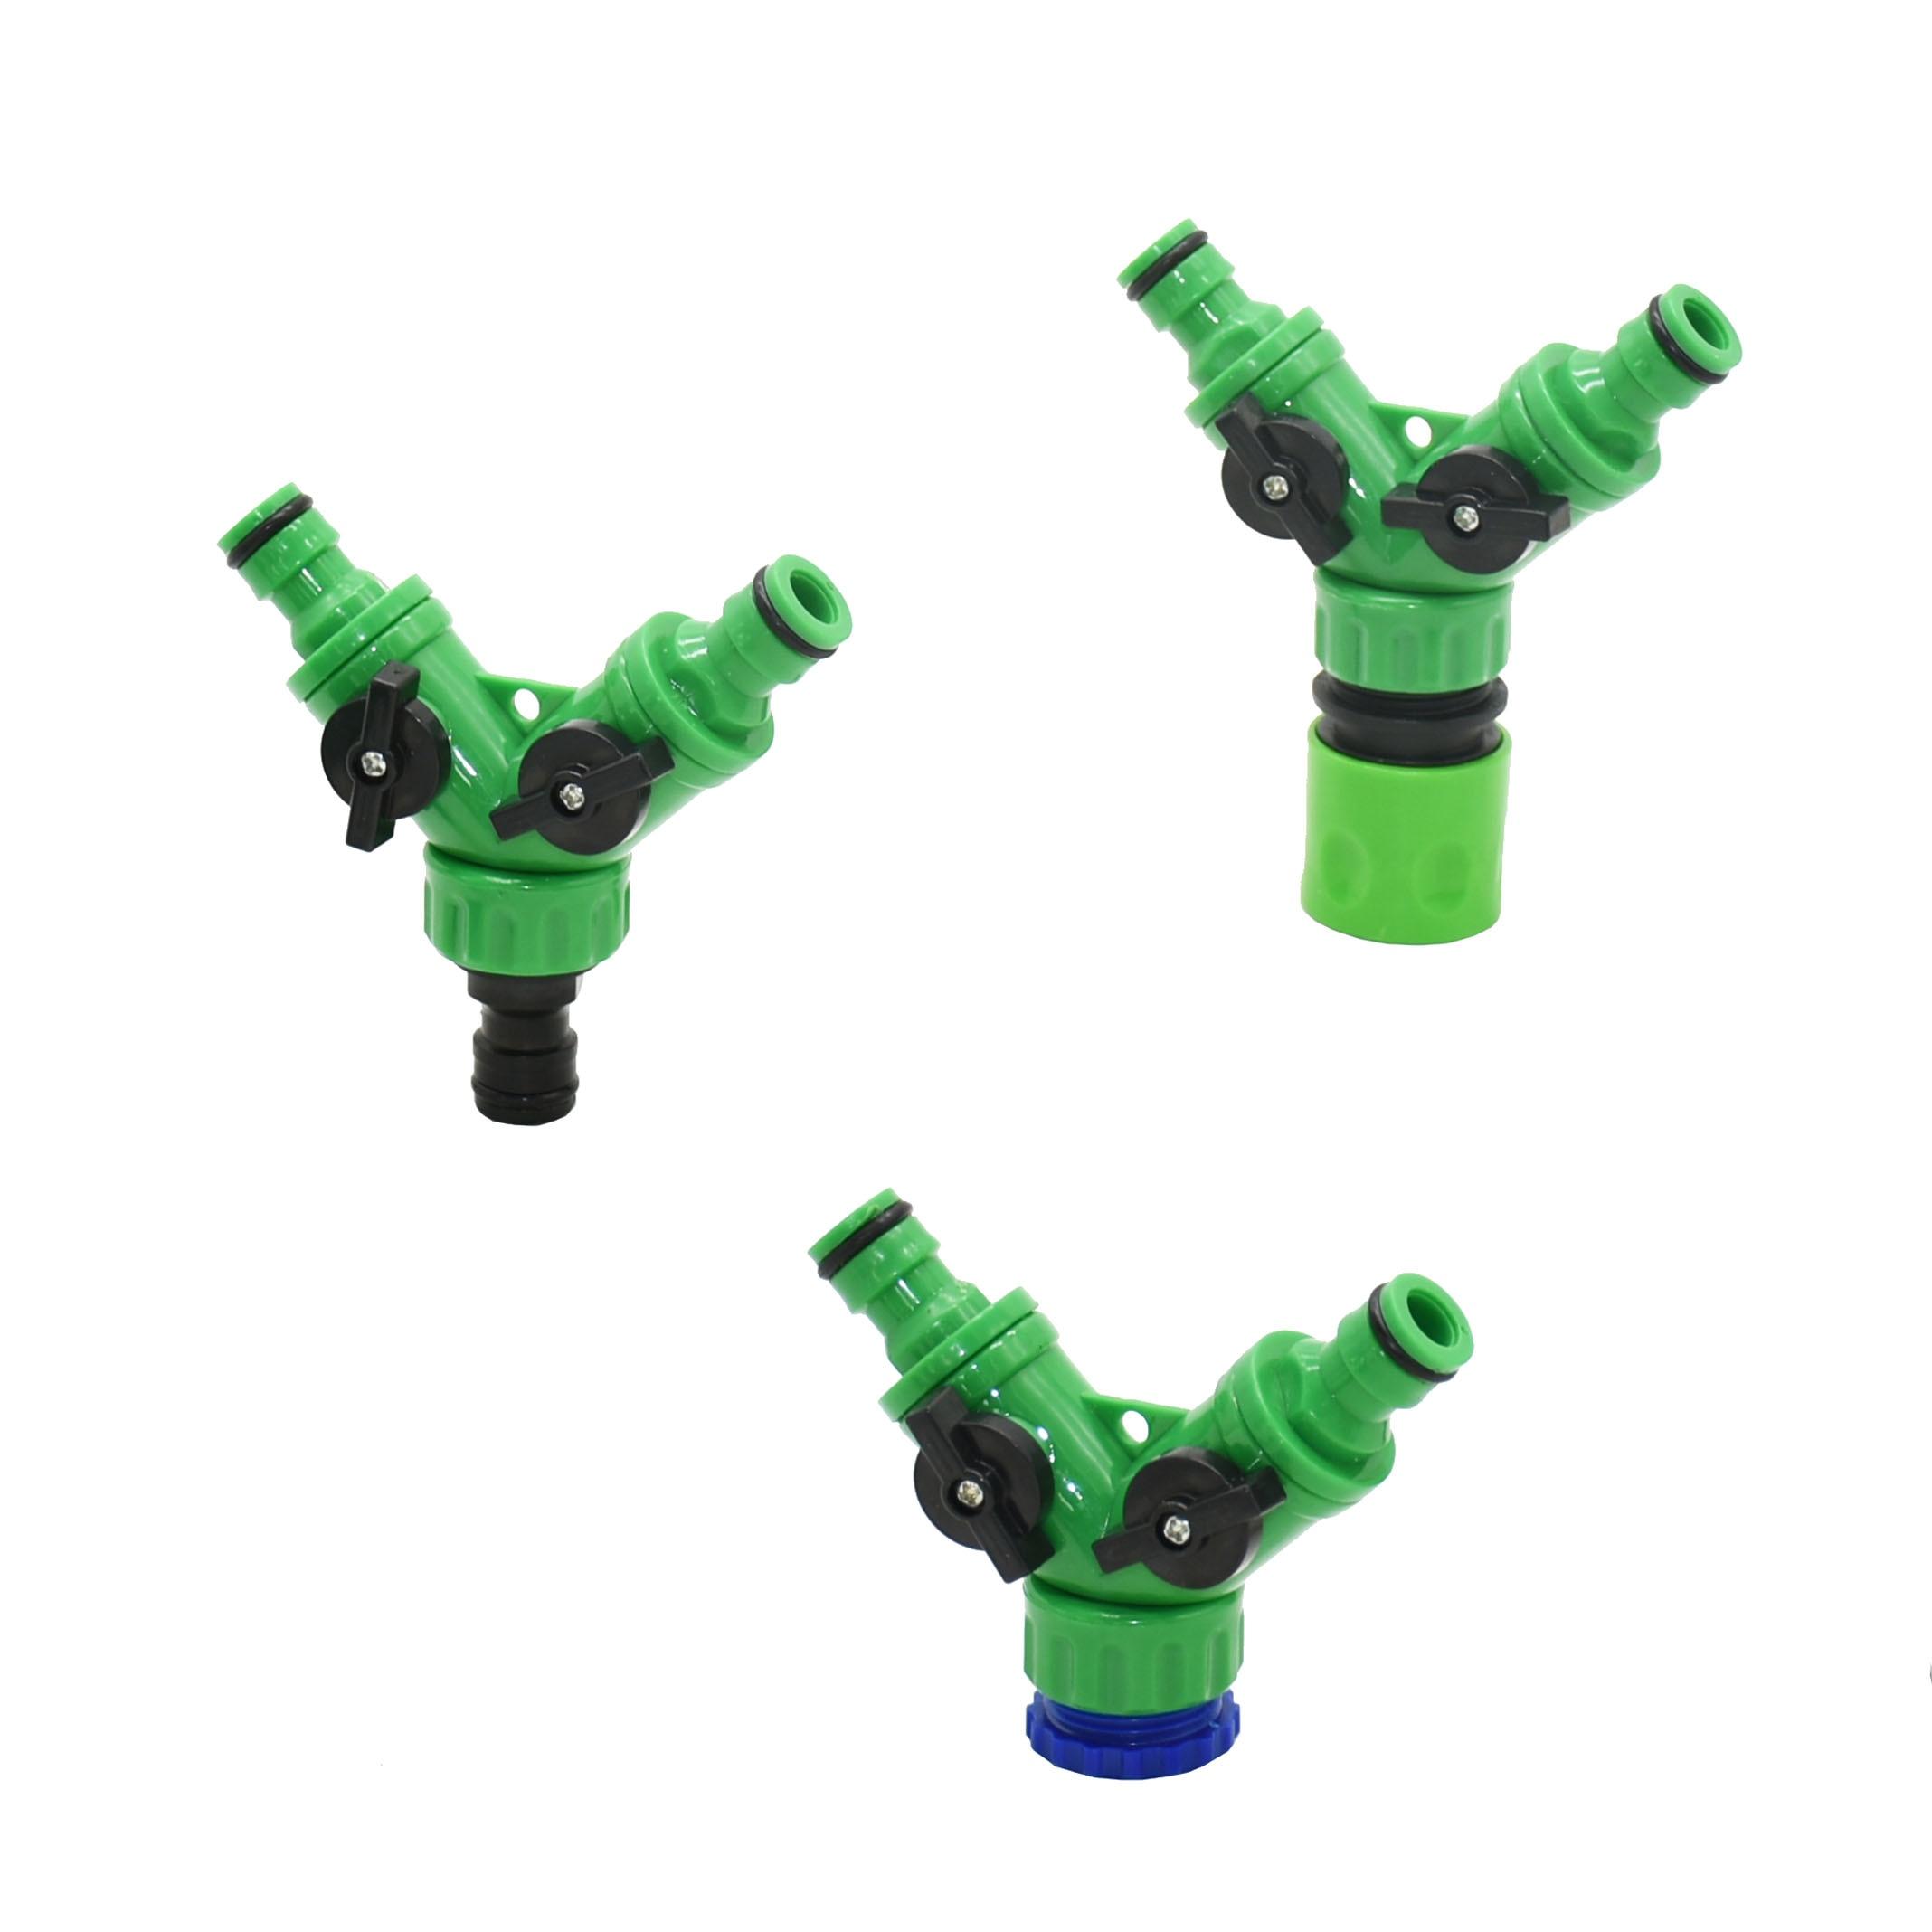 2-way Garden Tap Water Splitter Female 1/2 3/4 Garden Hose Y Splitter Watering Adjustable Switch 1pcs